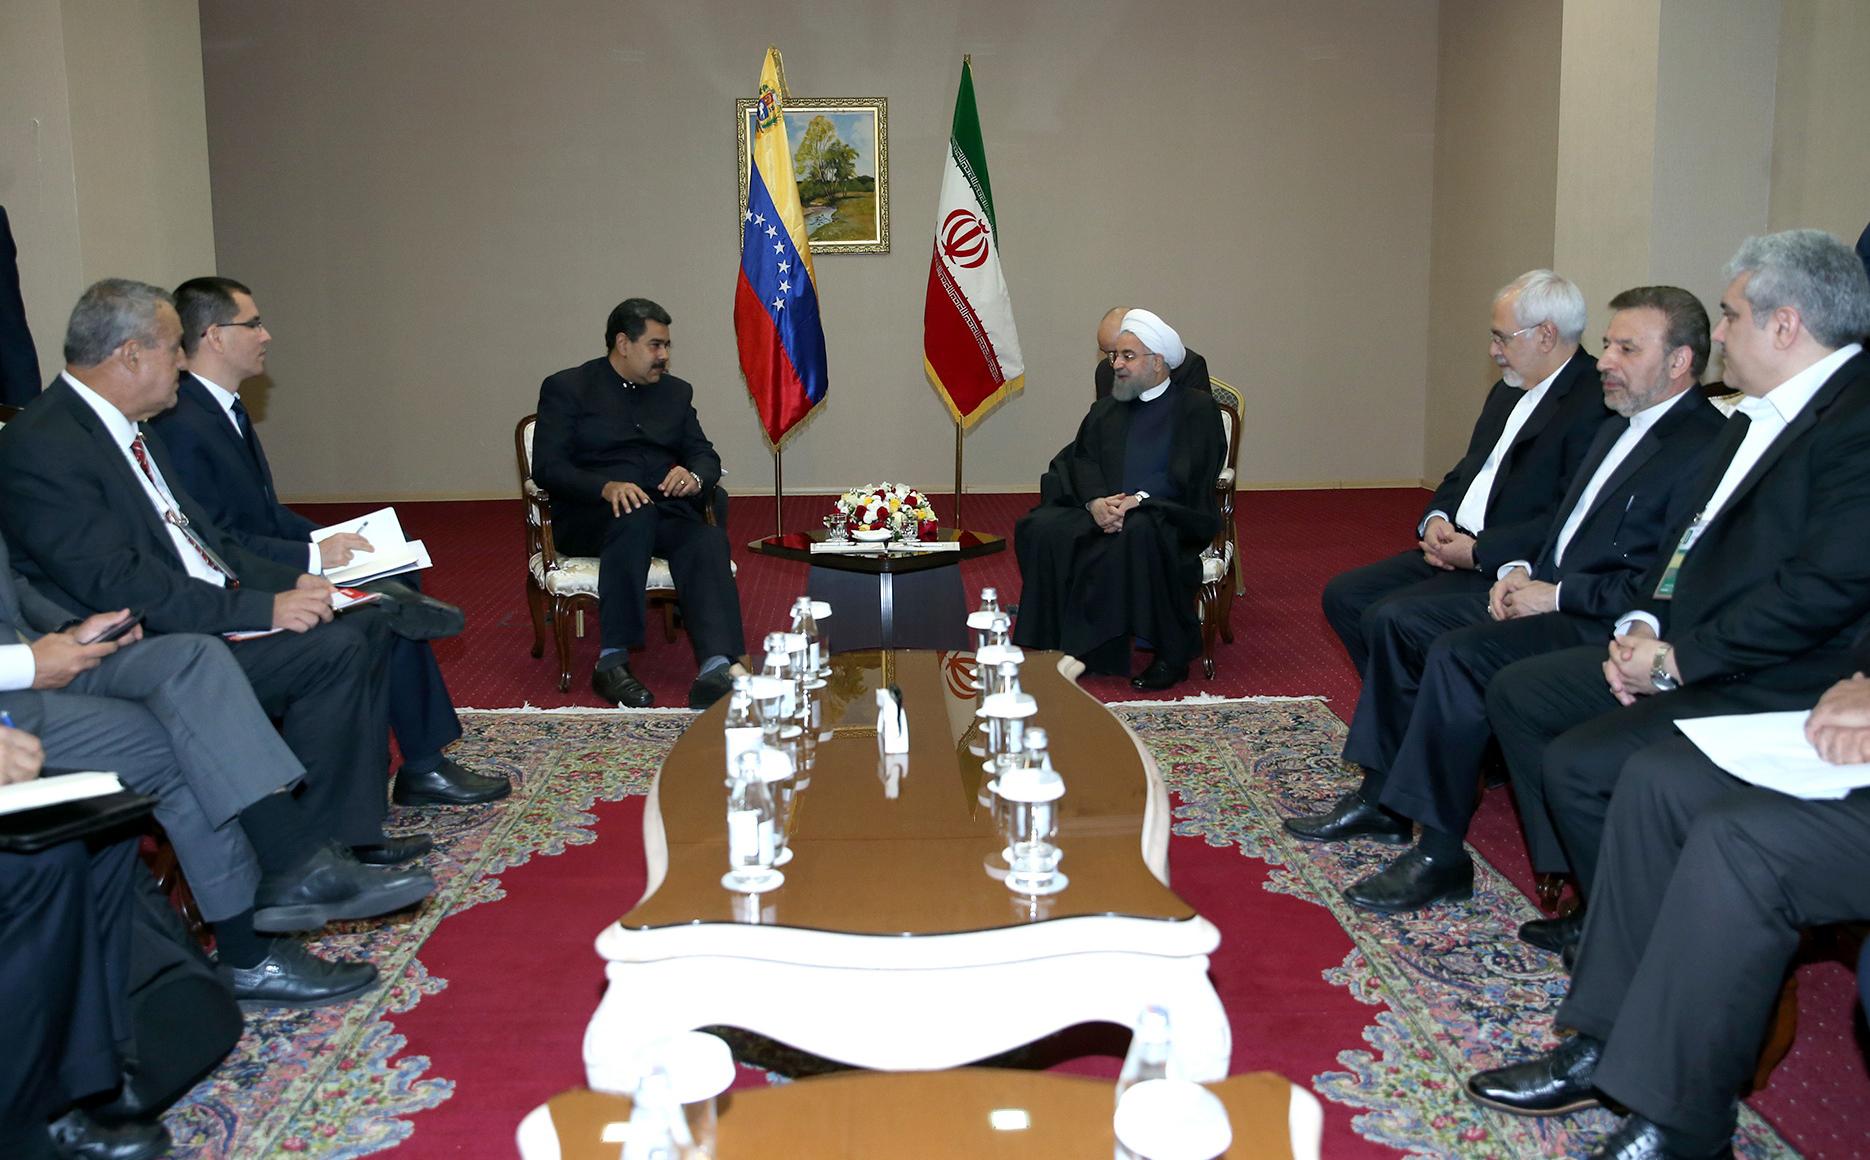 عکس 6741098_600 تداوم رایزنی میان کشورهای صادرکننده نفت ضروری است/تاکید بر توسعه روابط تهران – کاراکاس و برگزاری کمیسیون مشترک